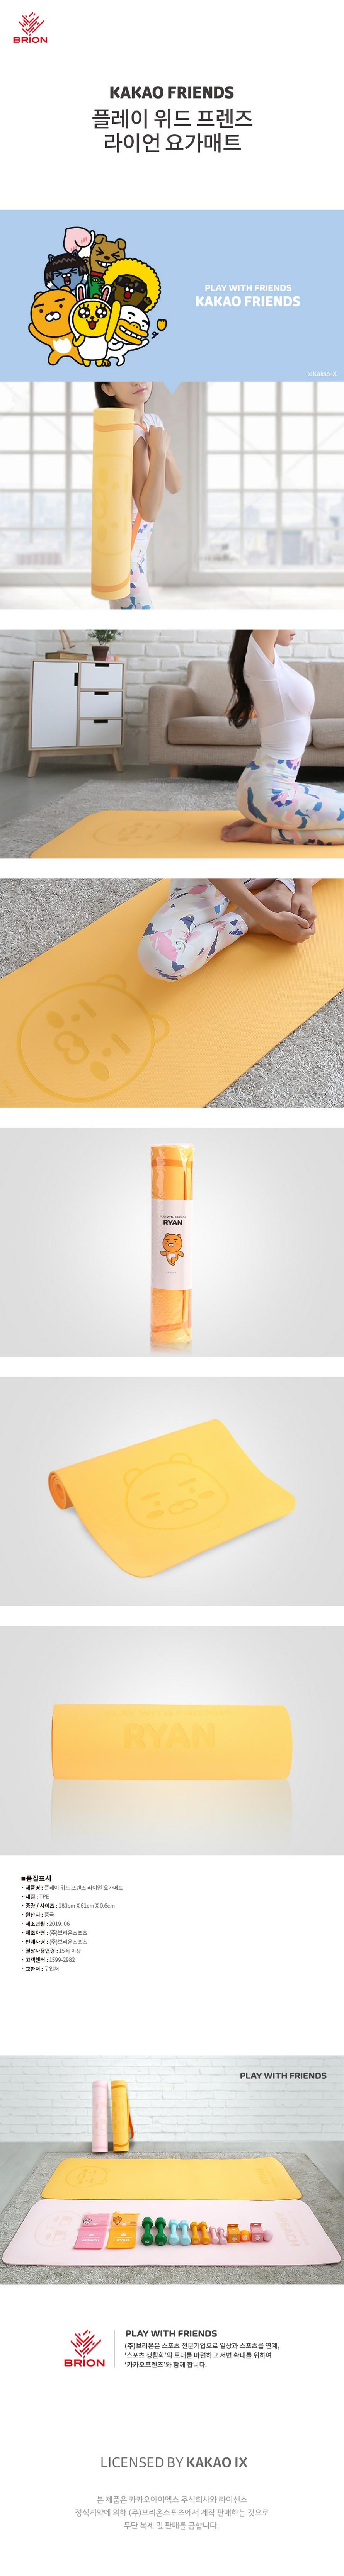 브리온스포츠 브리온스포츠 플레이 위드 프렌즈 라이언 요가매트 6mm